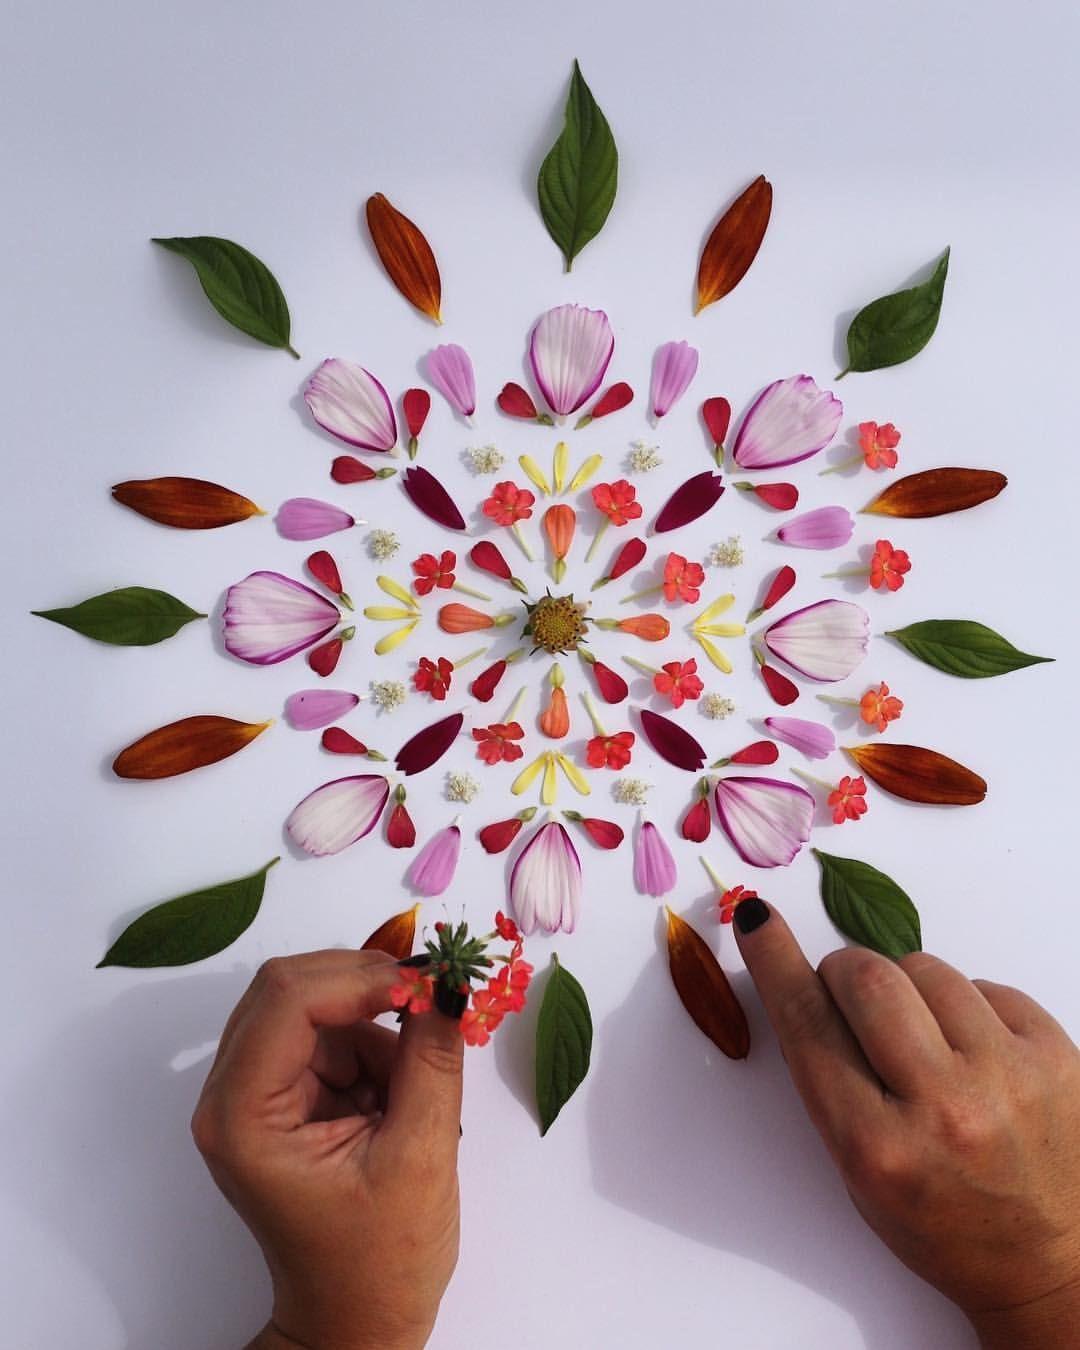 Kom och blomsterpilla med mig på Naturum i Kristianstad